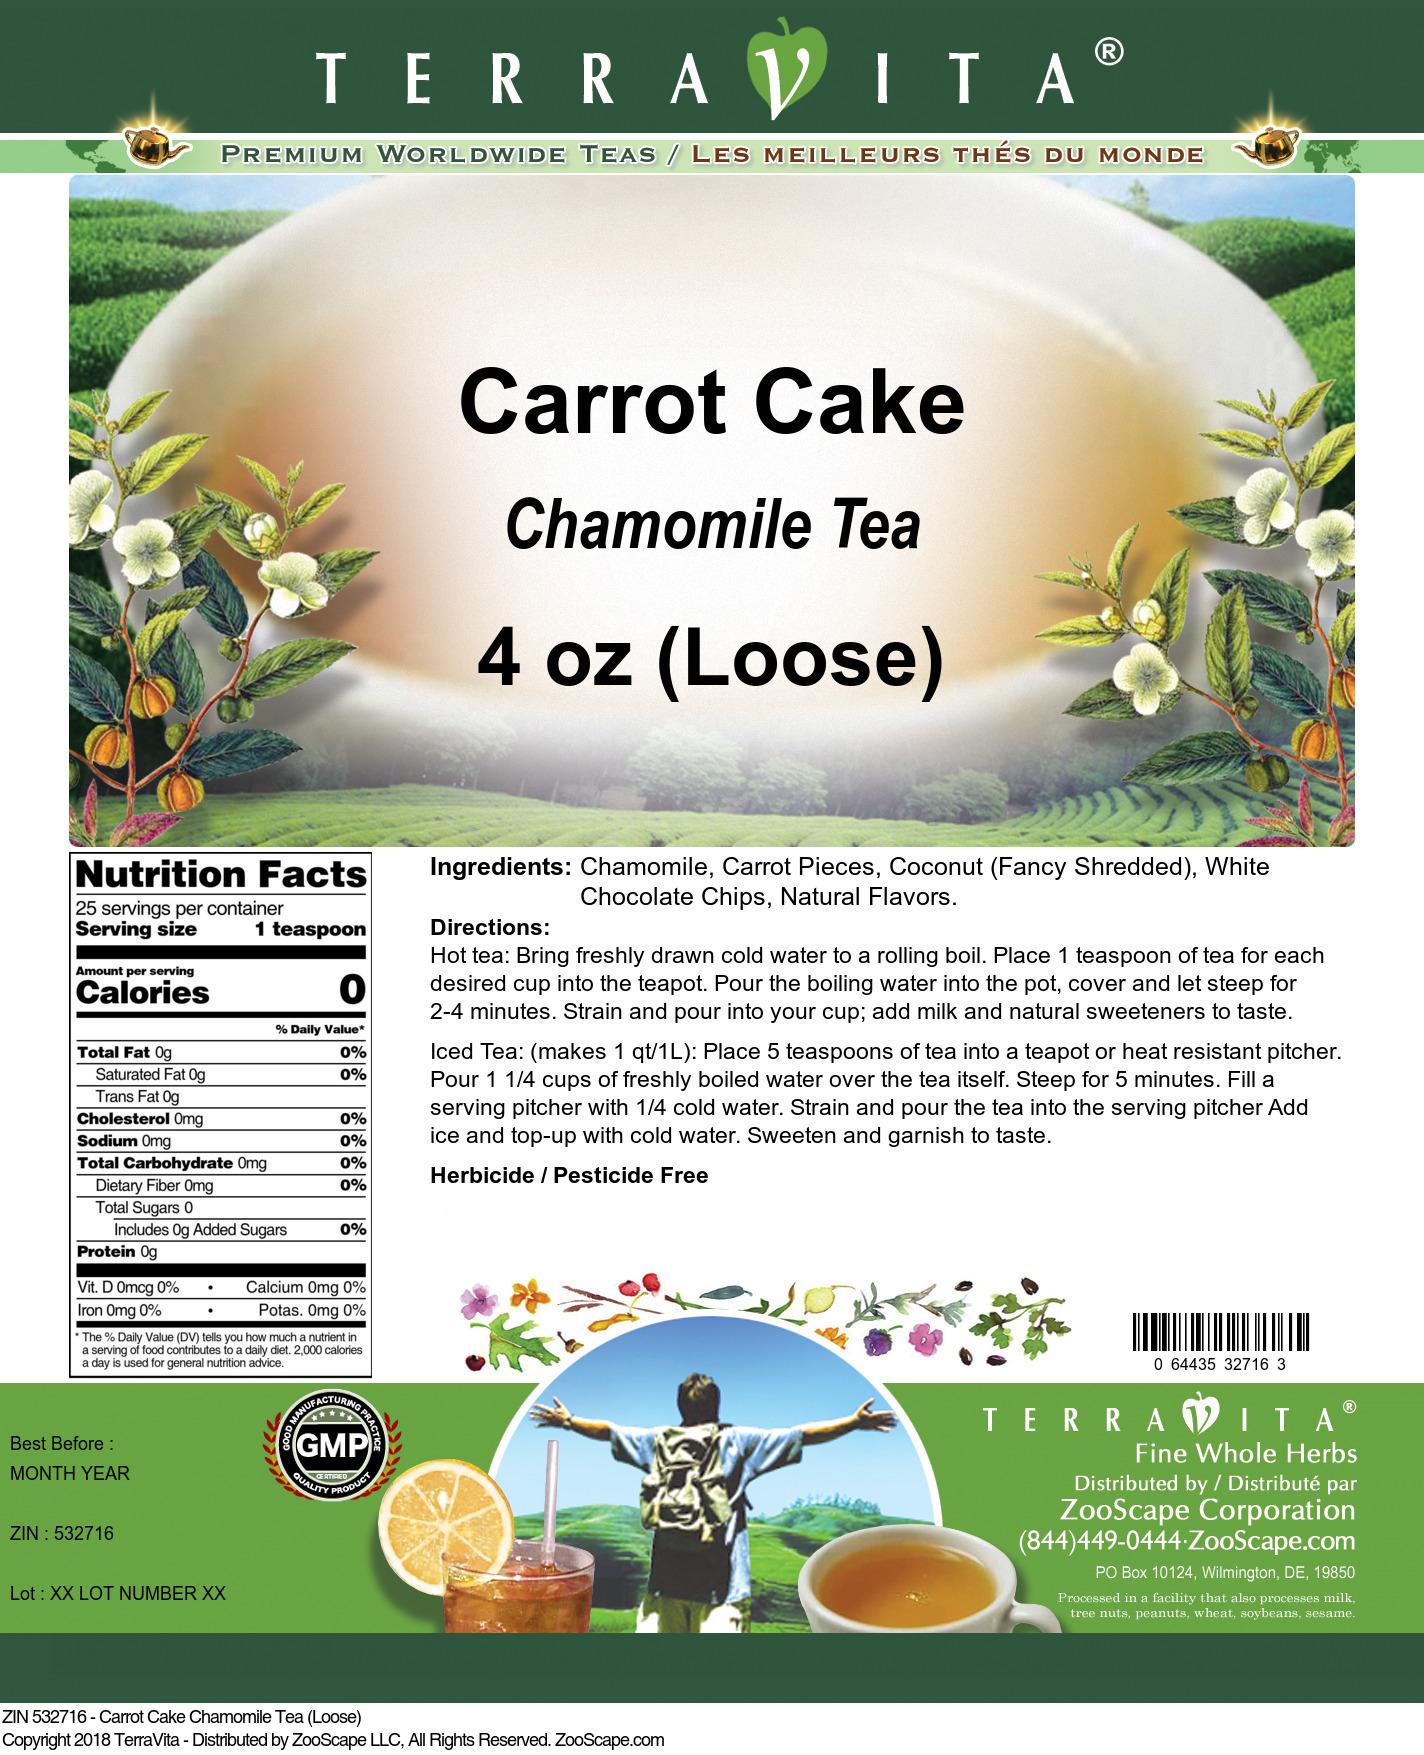 Carrot Cake Chamomile Tea